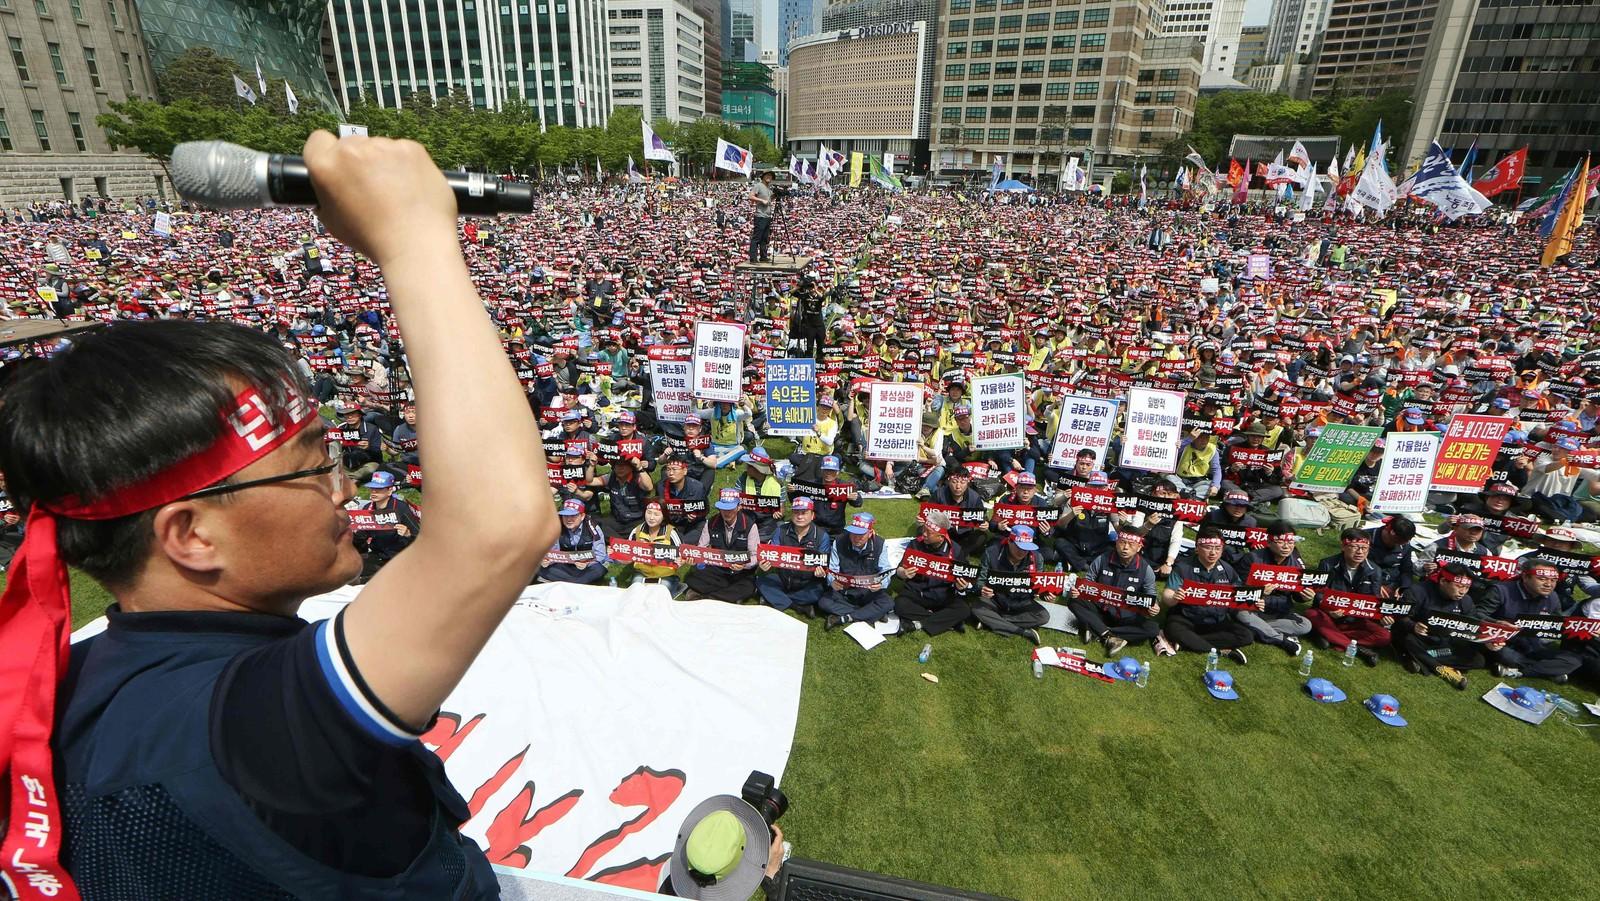 Fagorganiserte arbeidere arrangerte 1. mai-markering foran rådhuset i Seoul søndag.